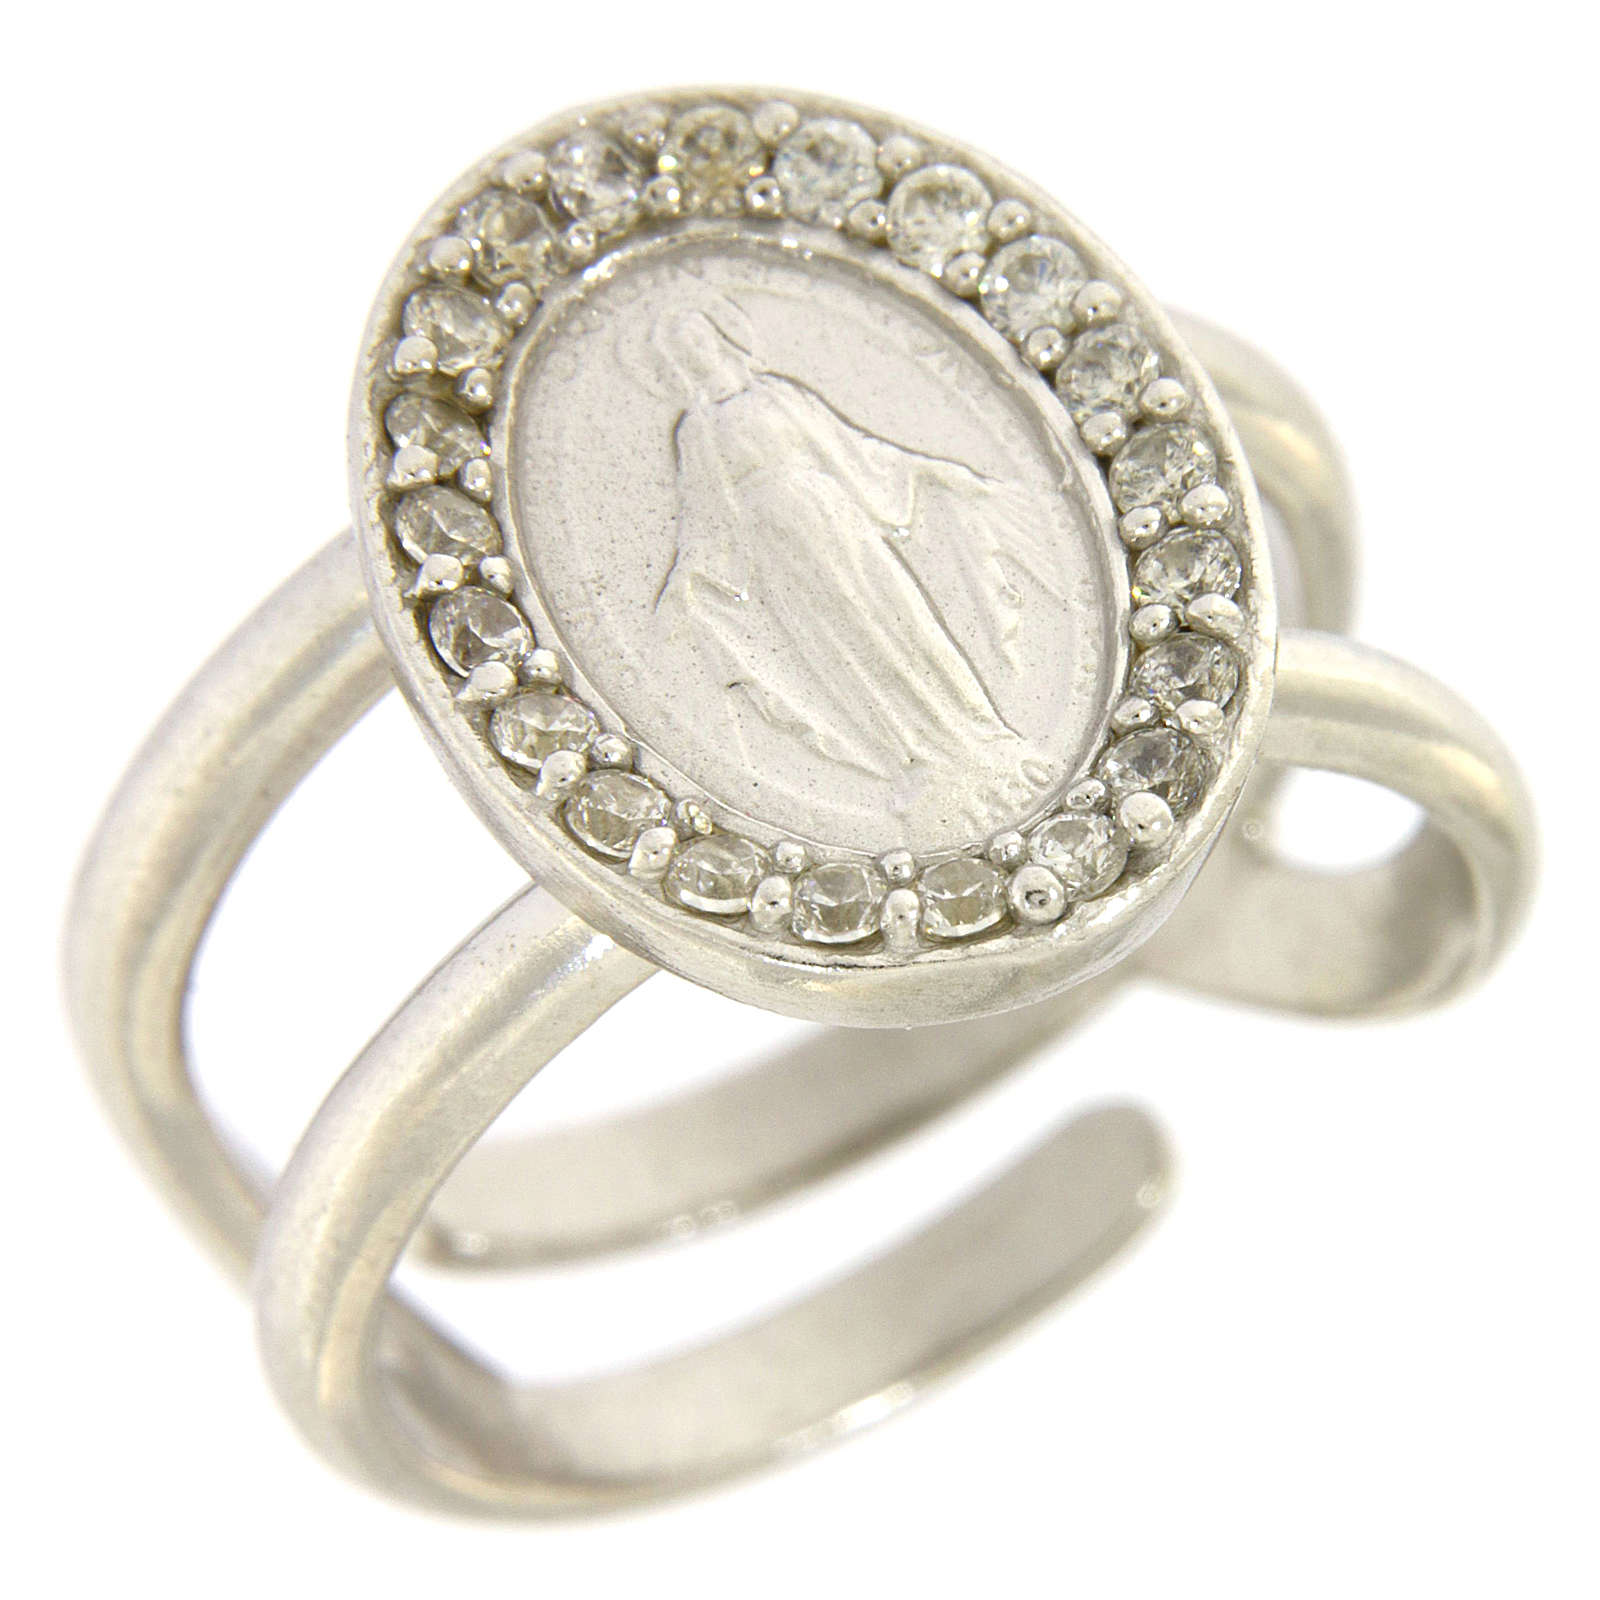 Anello argento 925 con Madonna Miracolosa e zirconi bianchi 3